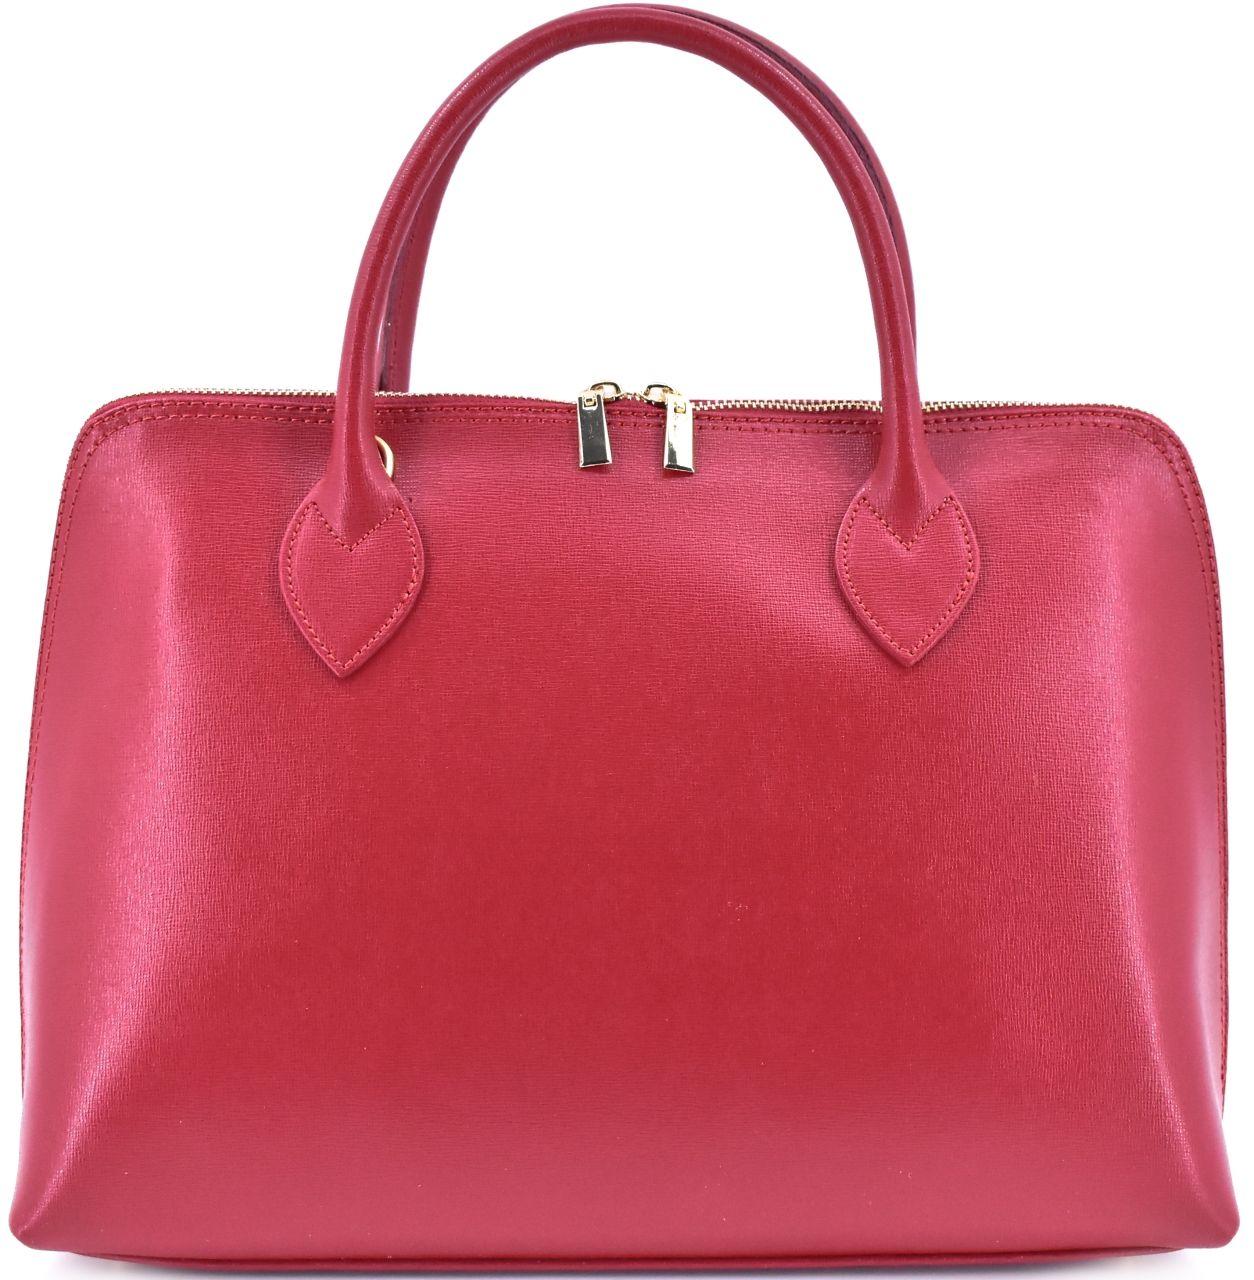 Dámská kožená kabelka Arteddy - tmavě červená 32445